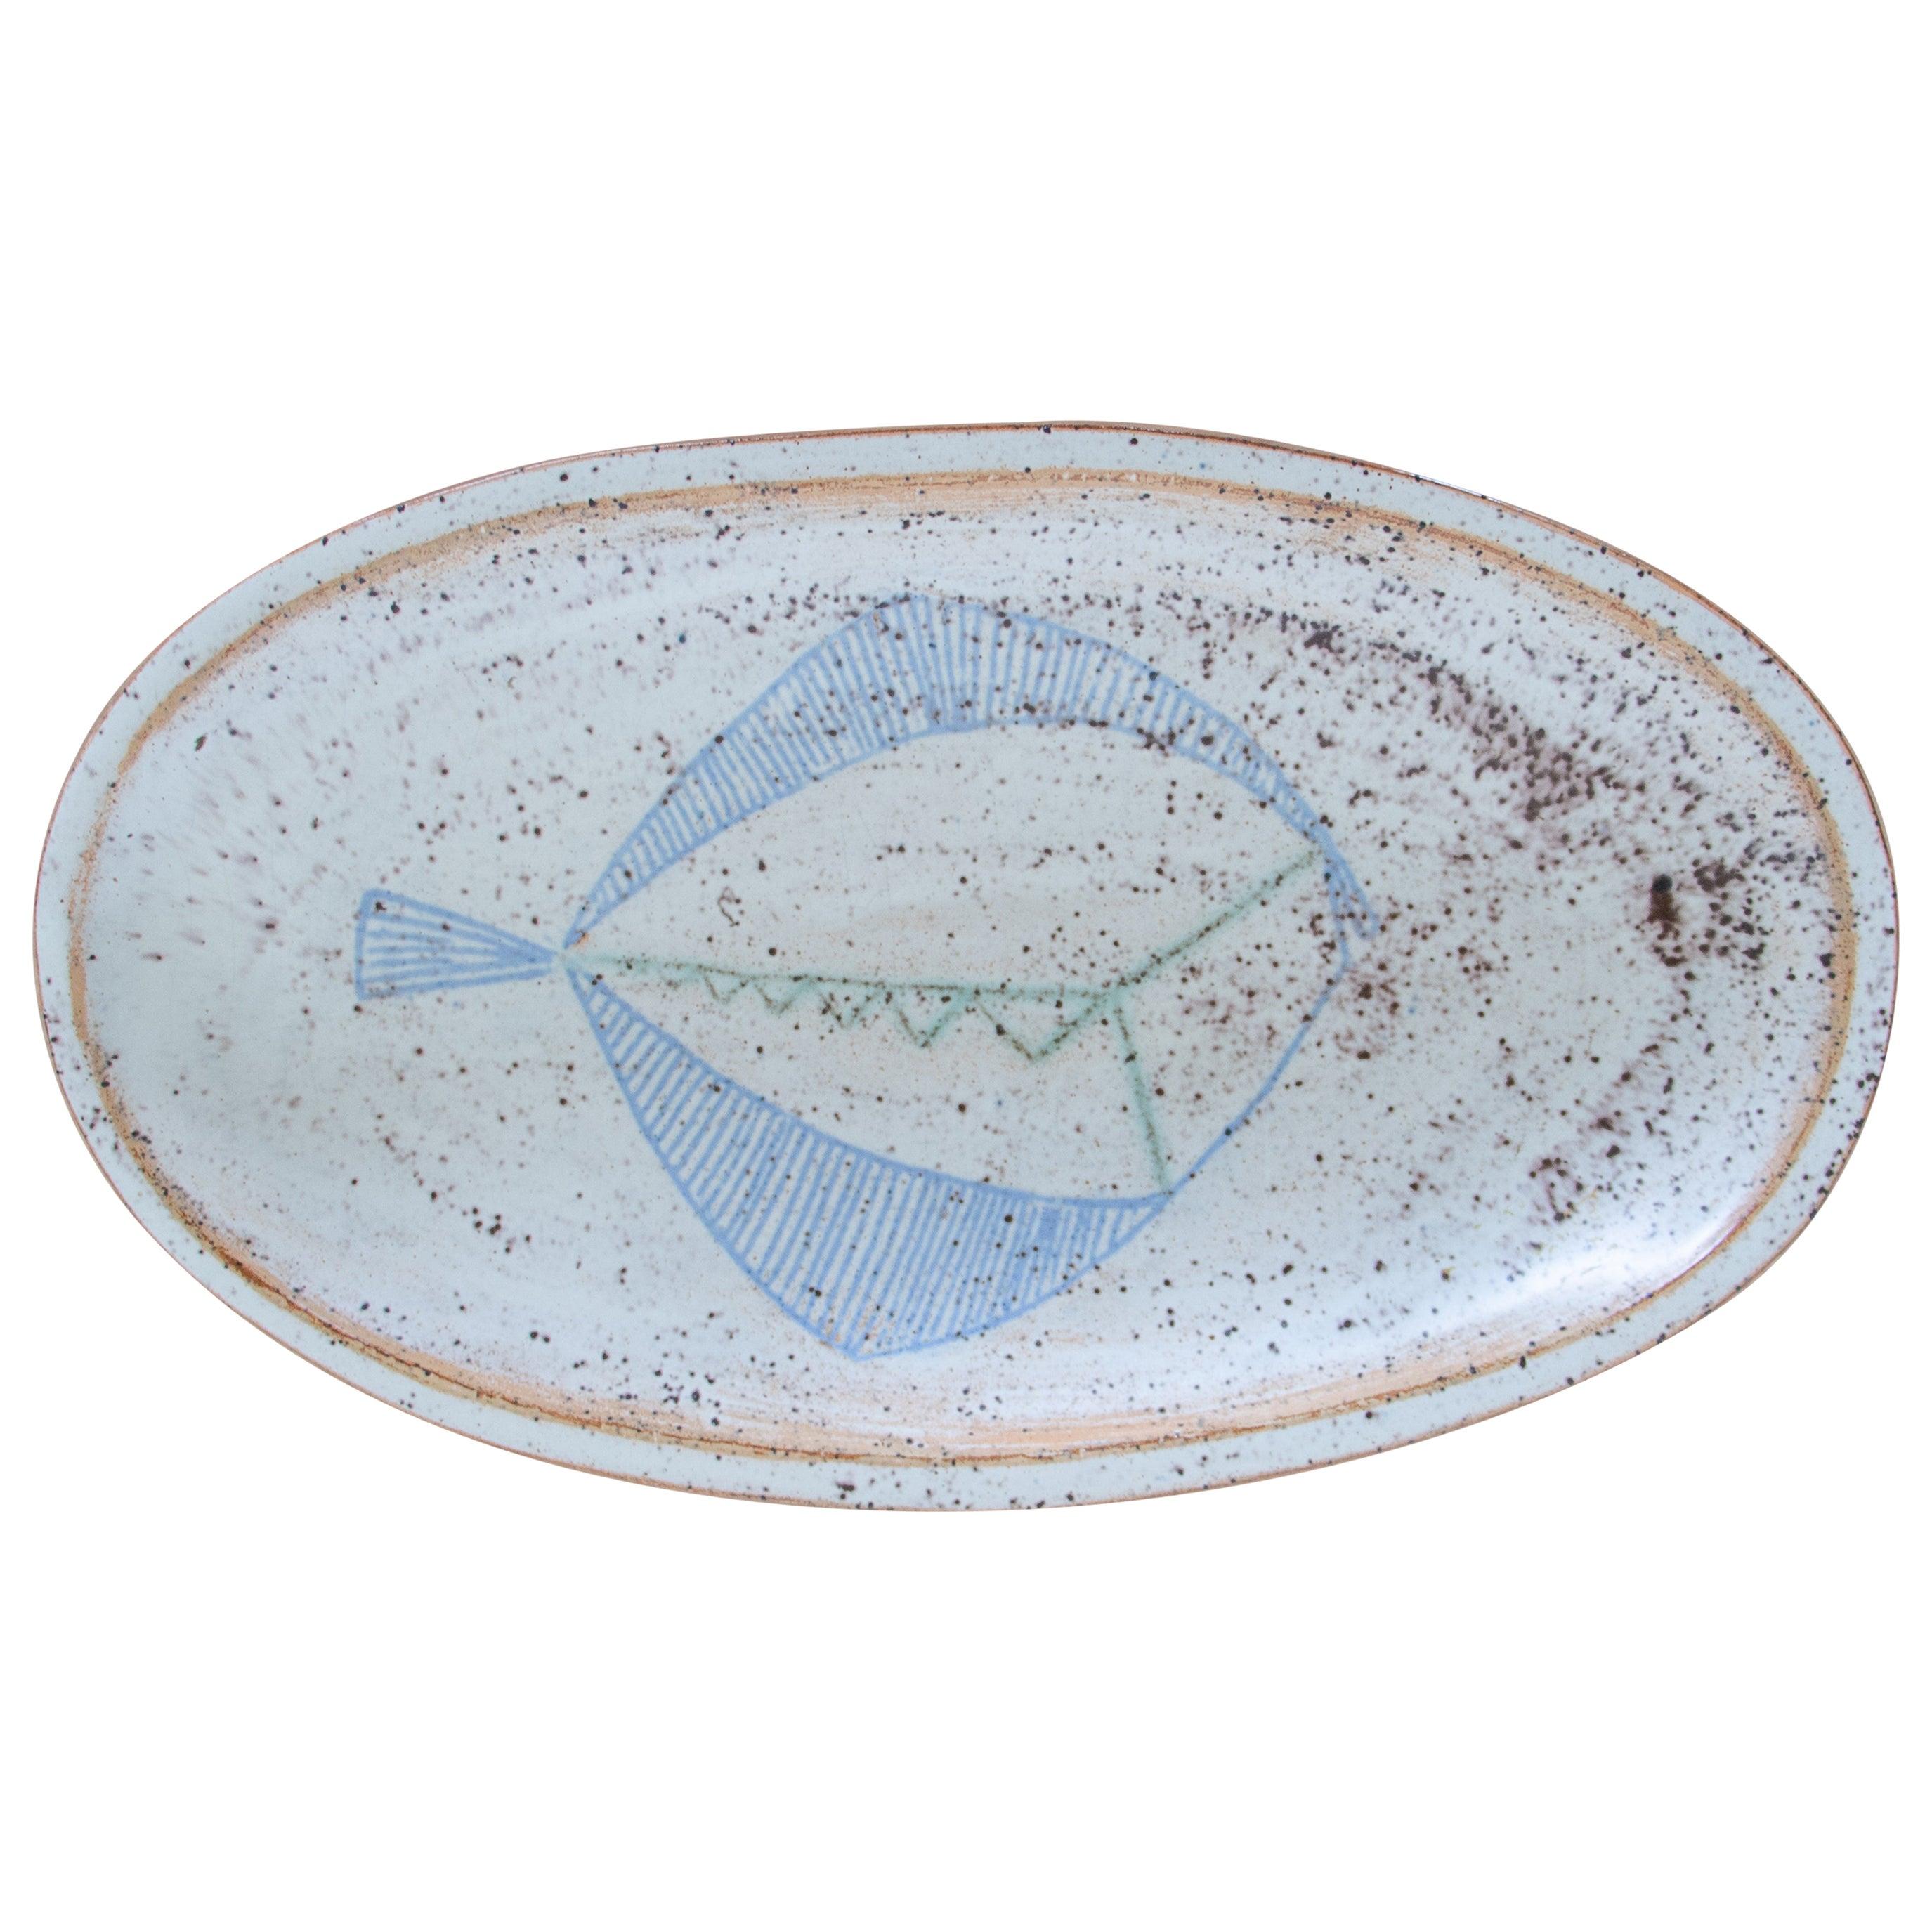 French Ceramic Fish Dish